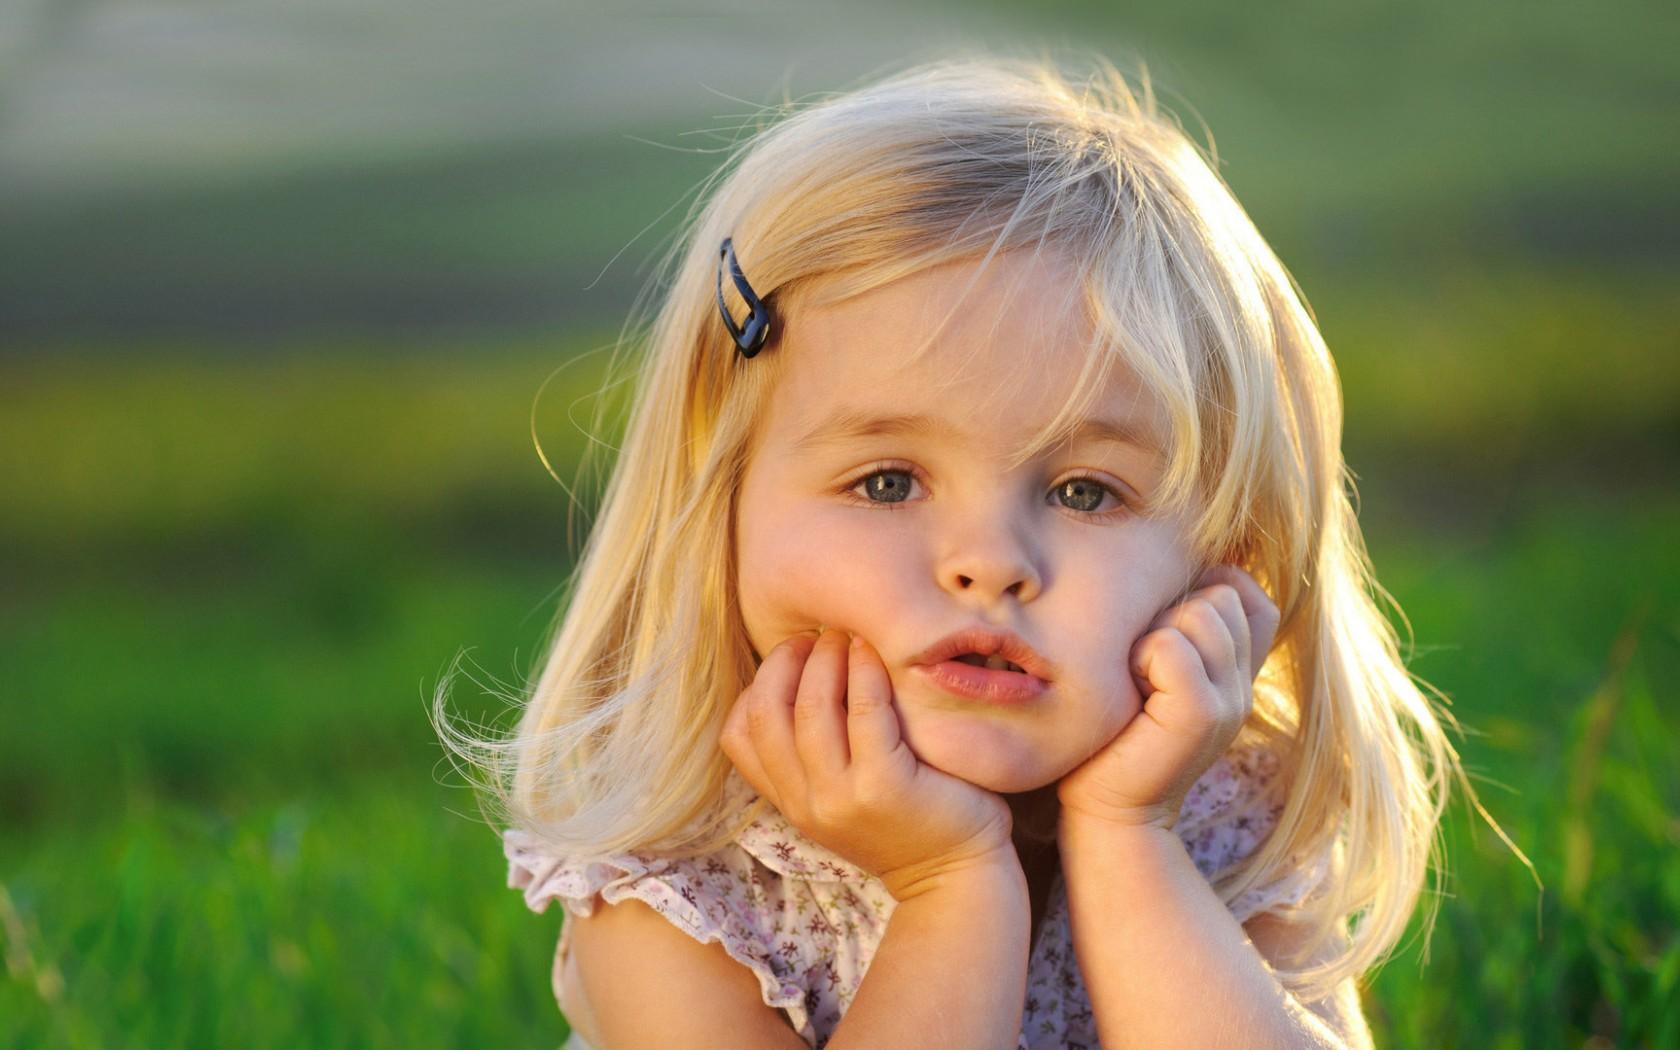 如今,不少爸妈会安排宝宝(特别是1岁内的小婴儿)在家中理发,一来带宝宝去理发店不是很方便,宝宝外出很容易睡着;二来小宝宝对象中的环境要熟悉,比较容易配合。理发店陌生、吵闹的环境可能会让宝宝要加不安。   在家中给宝宝理发,除了选择安全、好用的理发工具(如易简理发器)。一定要注意剃头的操作原则:   准备:   1、在购买婴幼儿理发工具时,选择可靠的品牌和安全的产品,也可以在育儿论坛上或向周围的人取取经。   2、准备理发前用香皂和清水清洁手指,保证手部的卫生,用酒精棉彻底消毒用来理发的推子。   铺